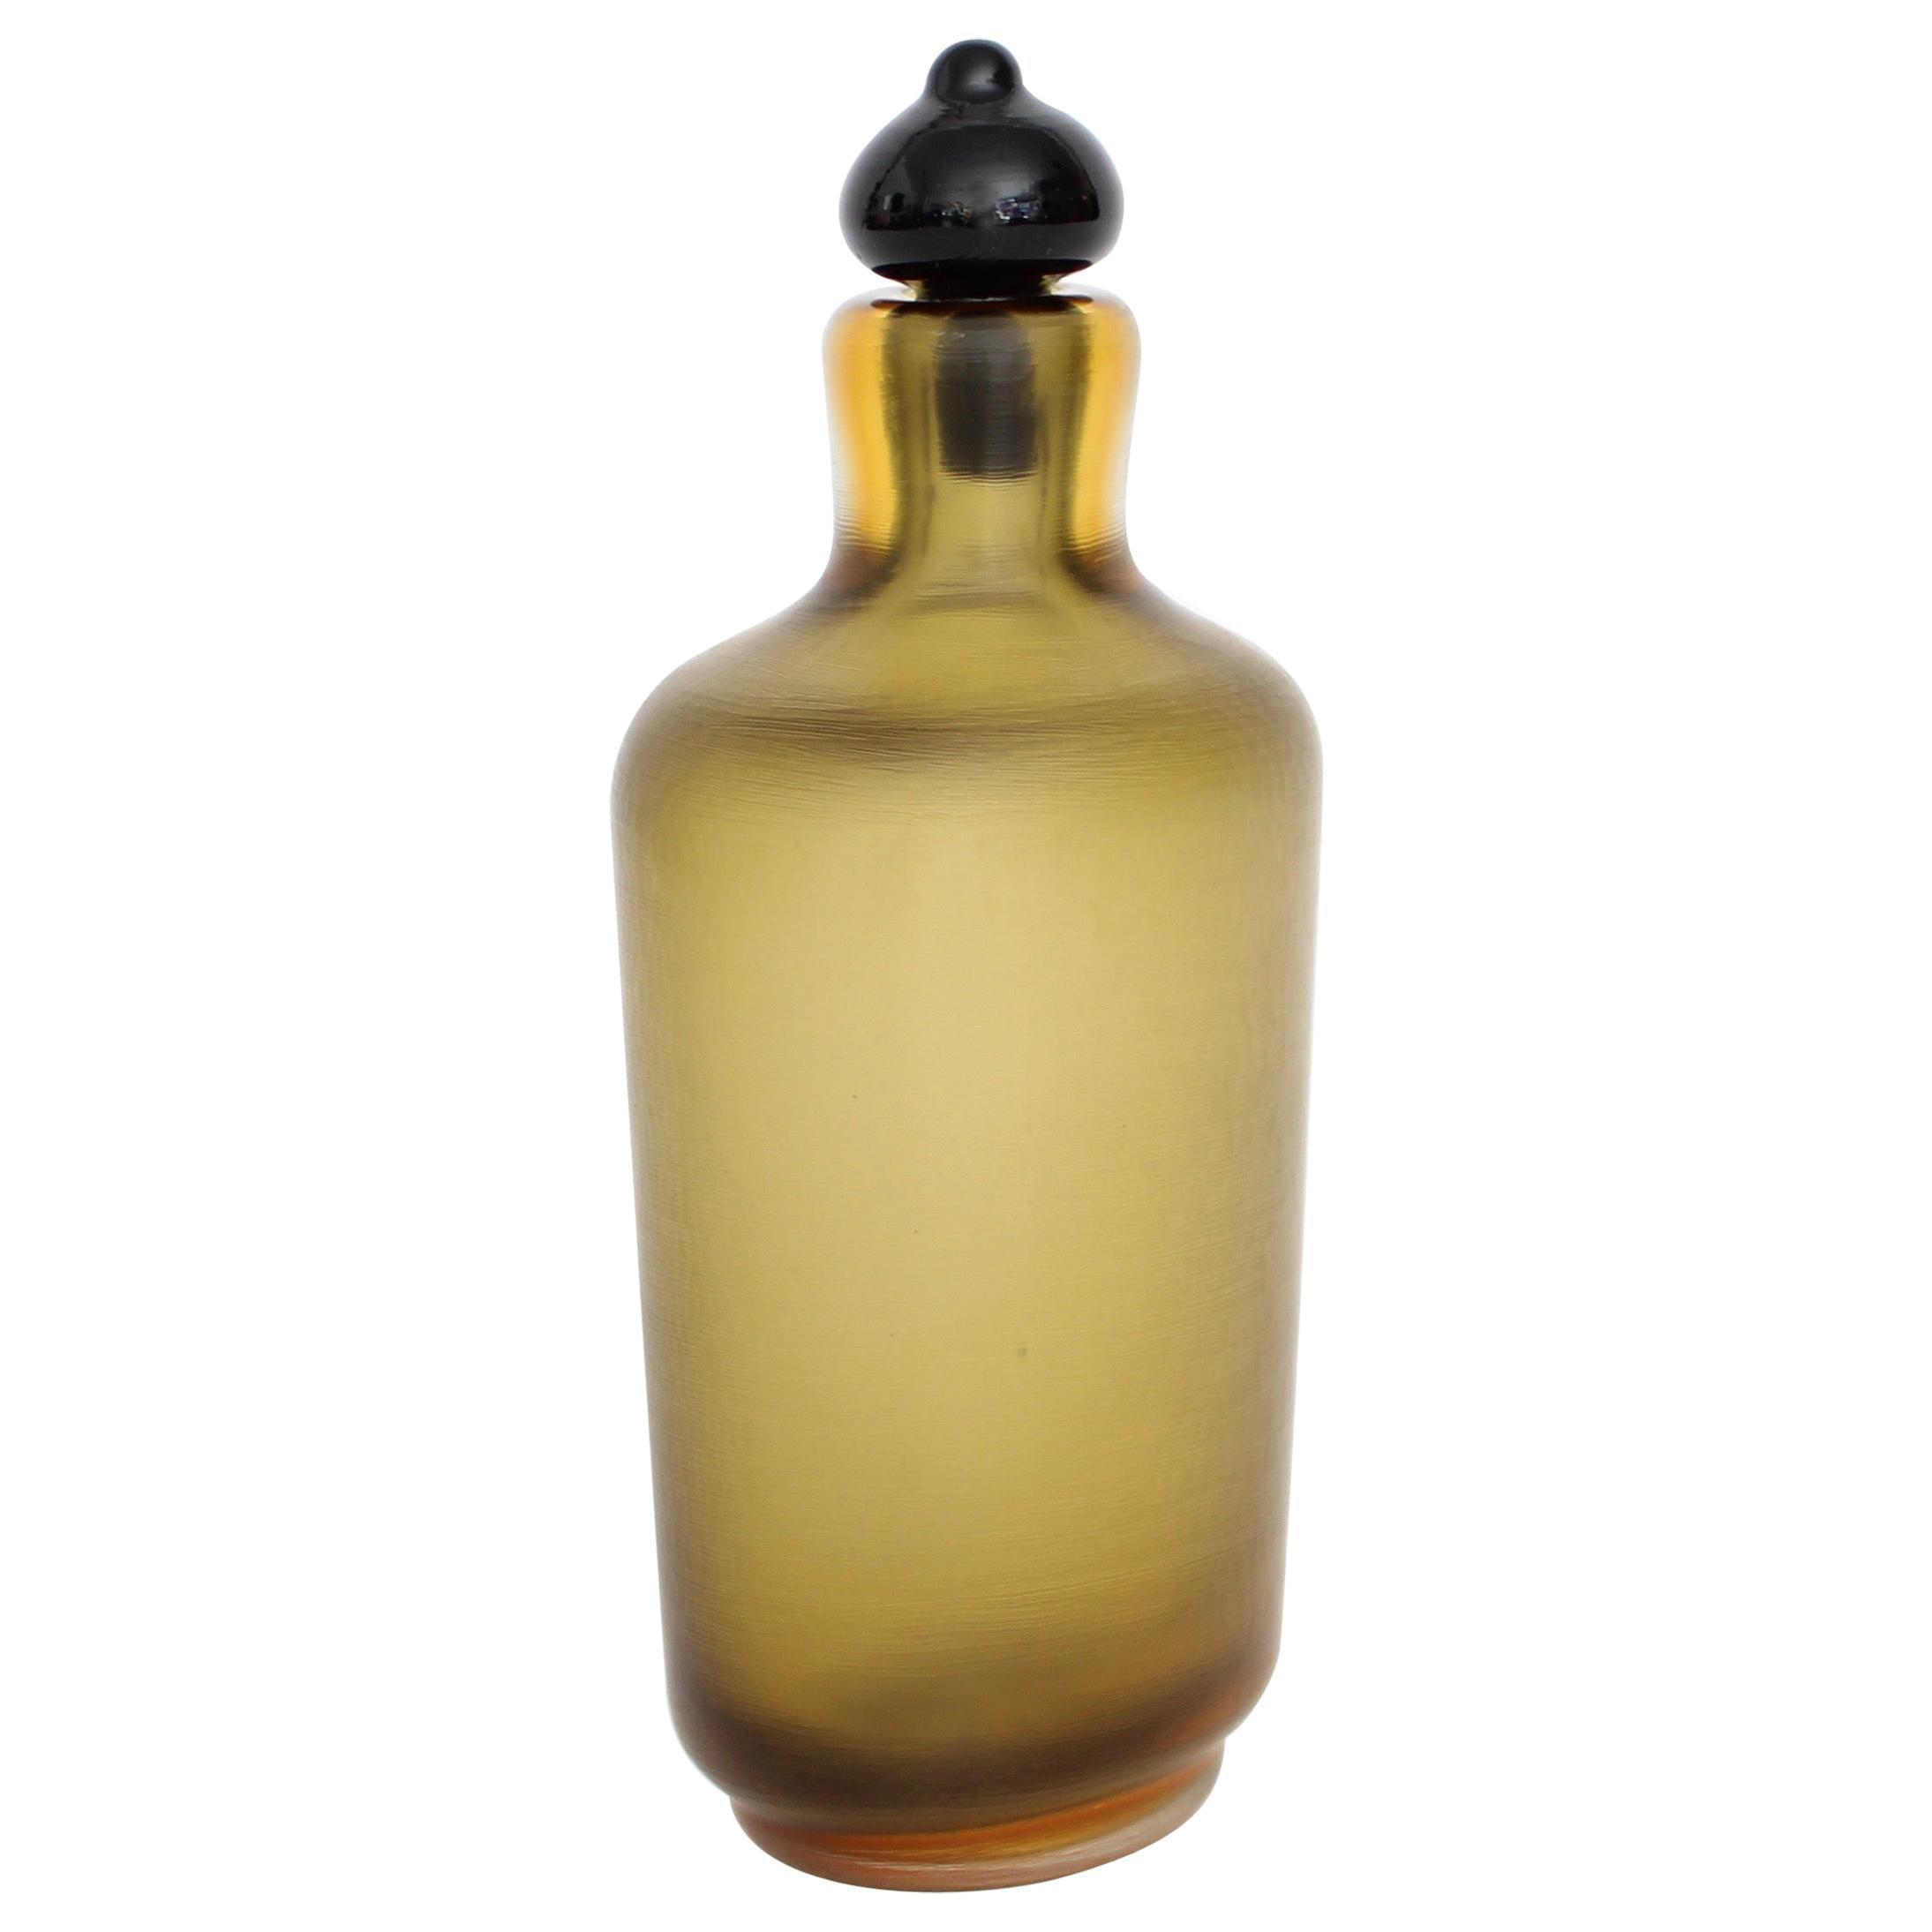 Paolo Venini for Venini Inciso Murano Amber Glass Italian Bottle